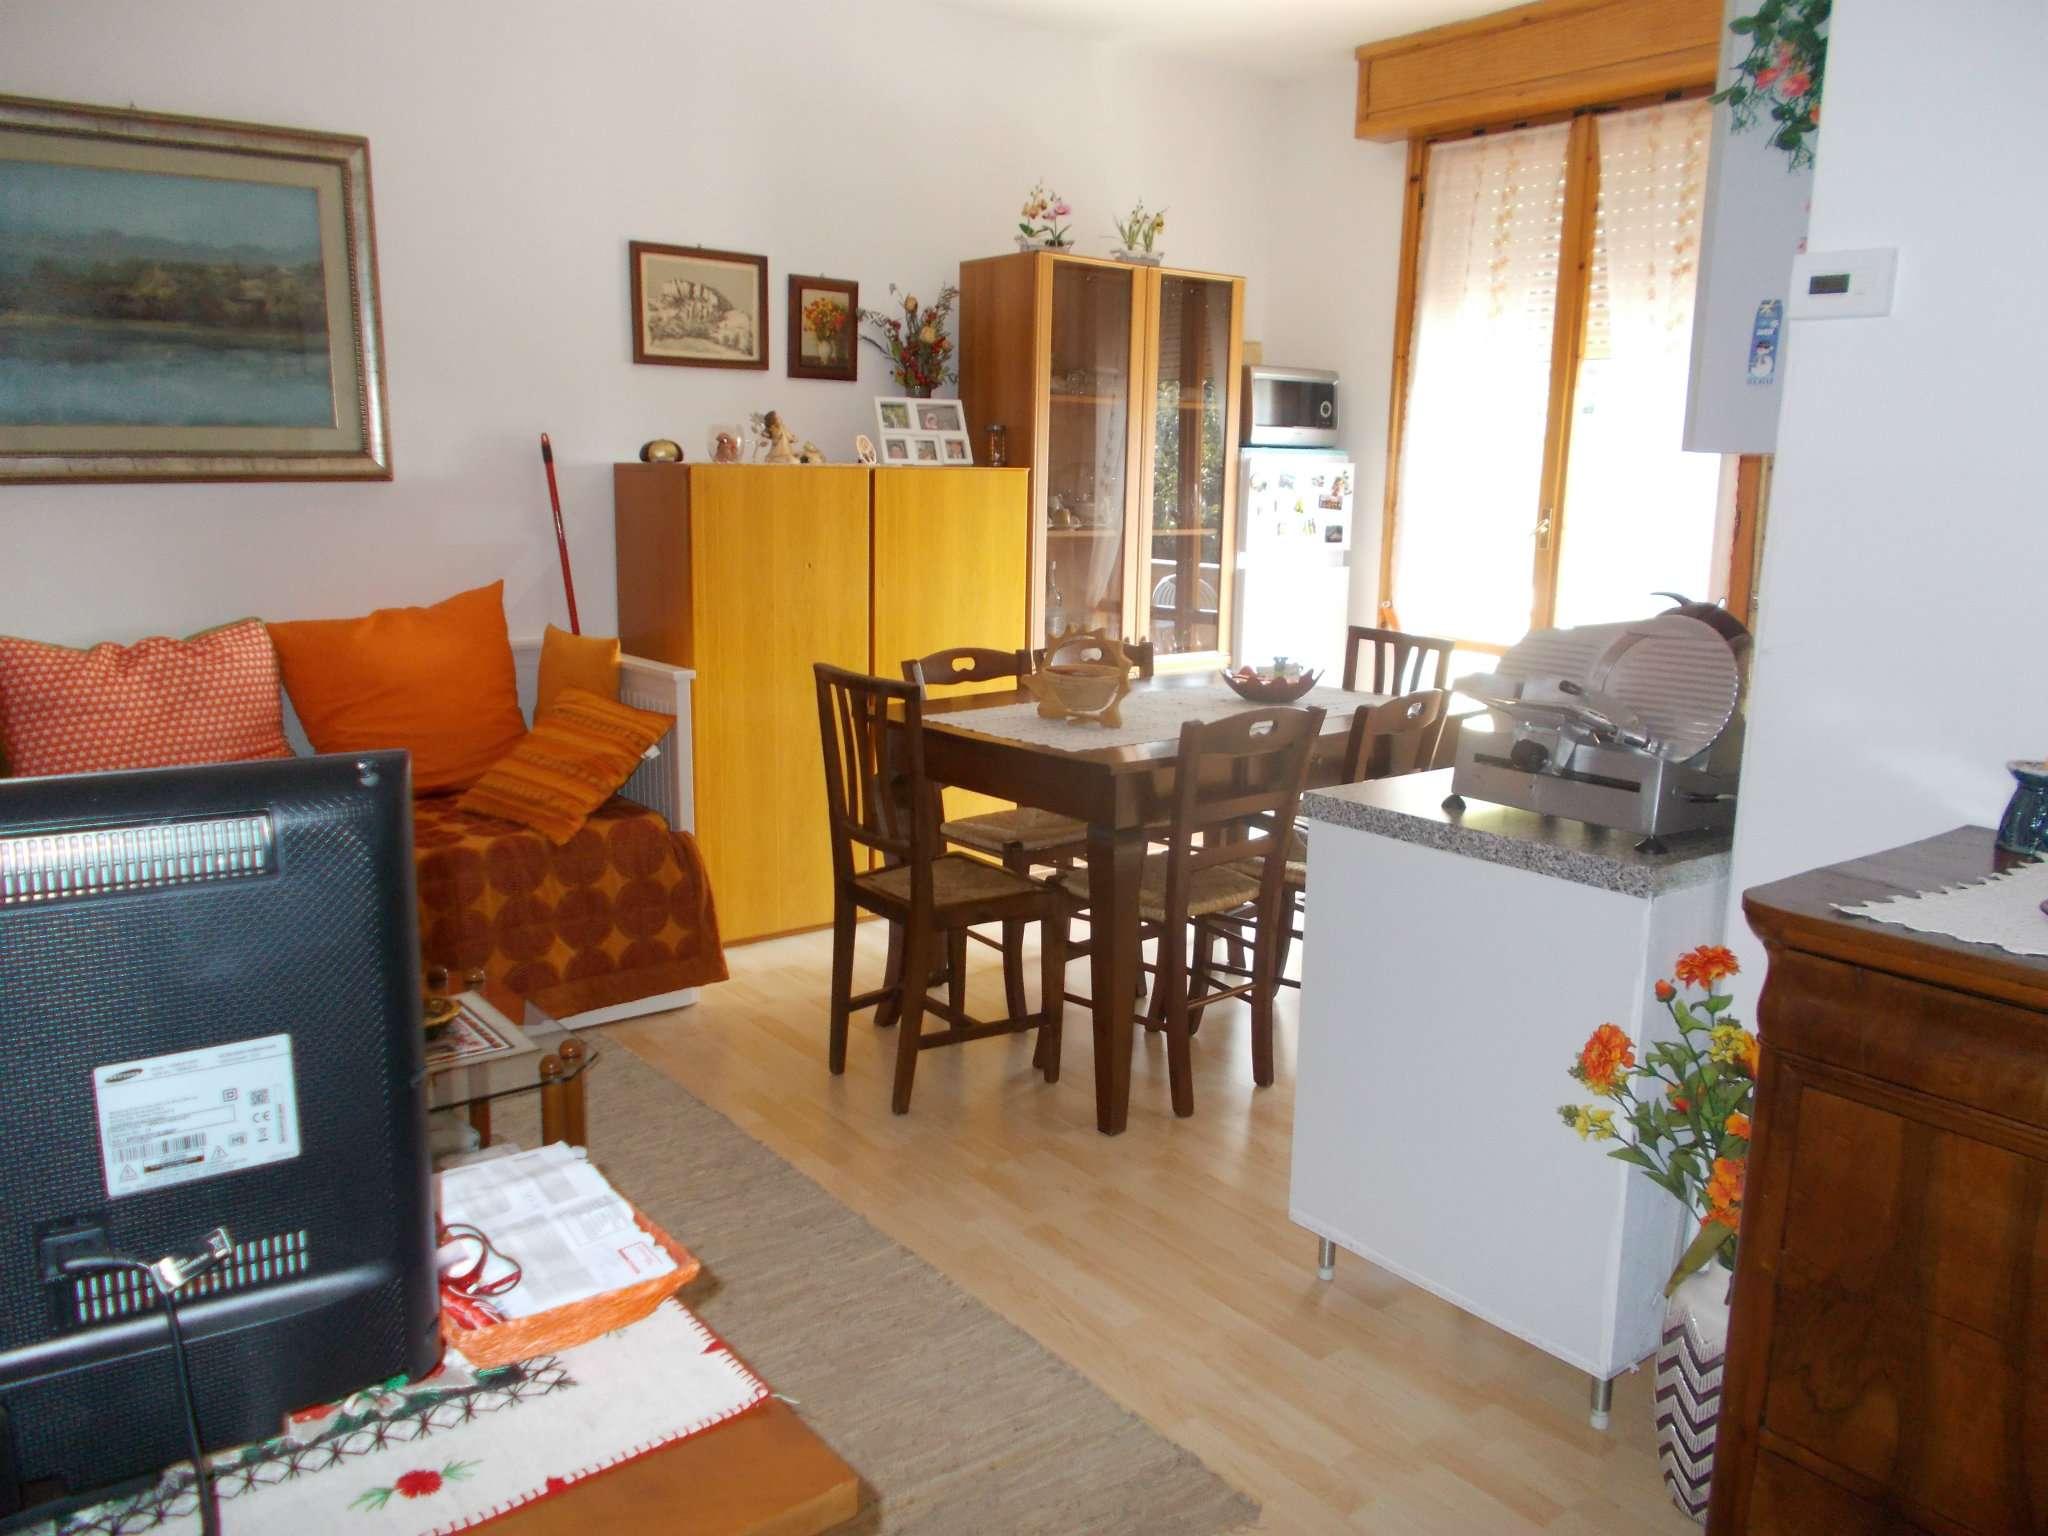 Appartamento in affitto a Quattro Castella, 2 locali, prezzo € 450 | CambioCasa.it